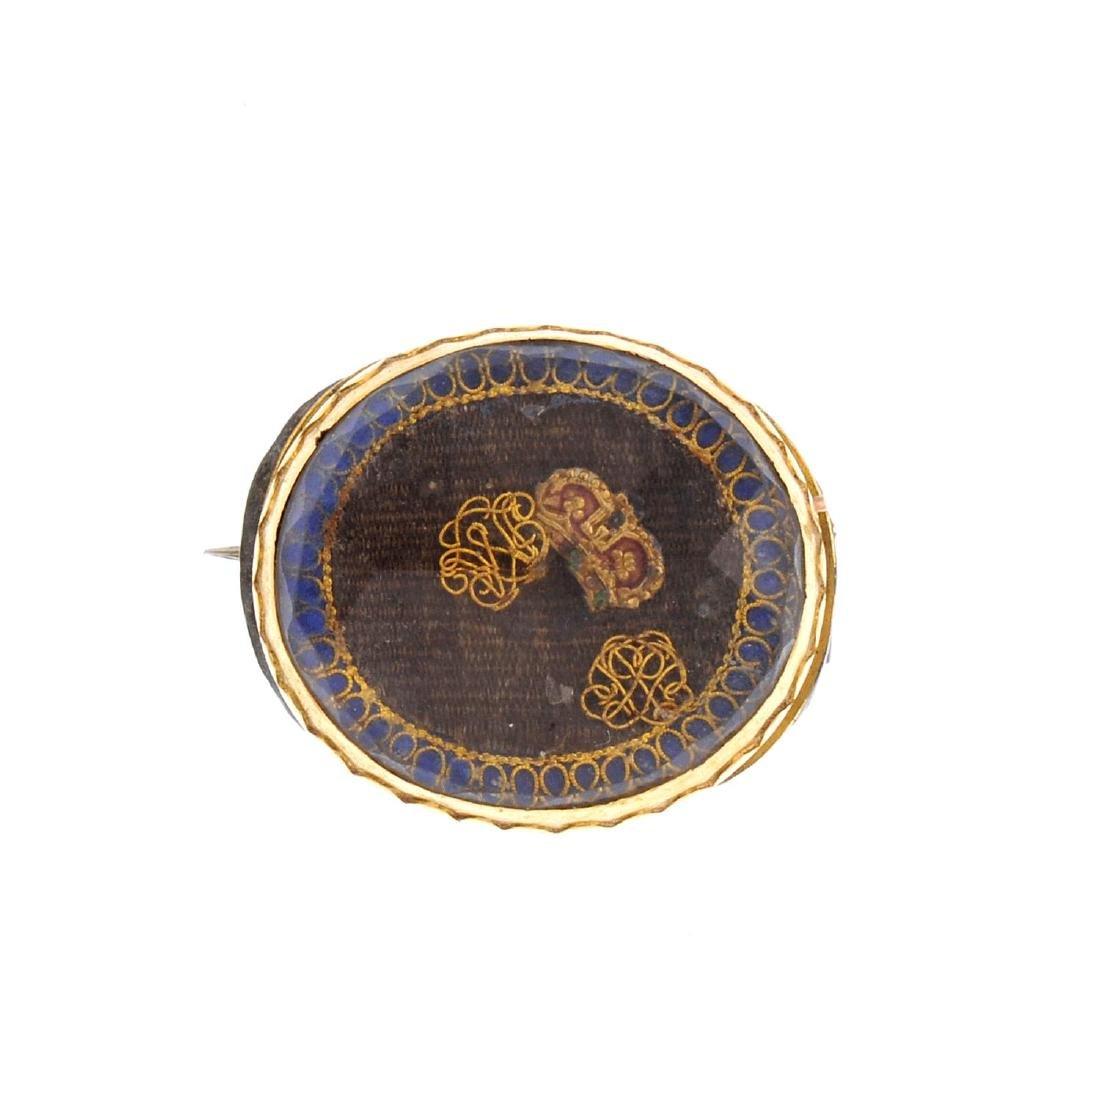 An early Georgian 'Stuart' rock crystal brooch. Of oval